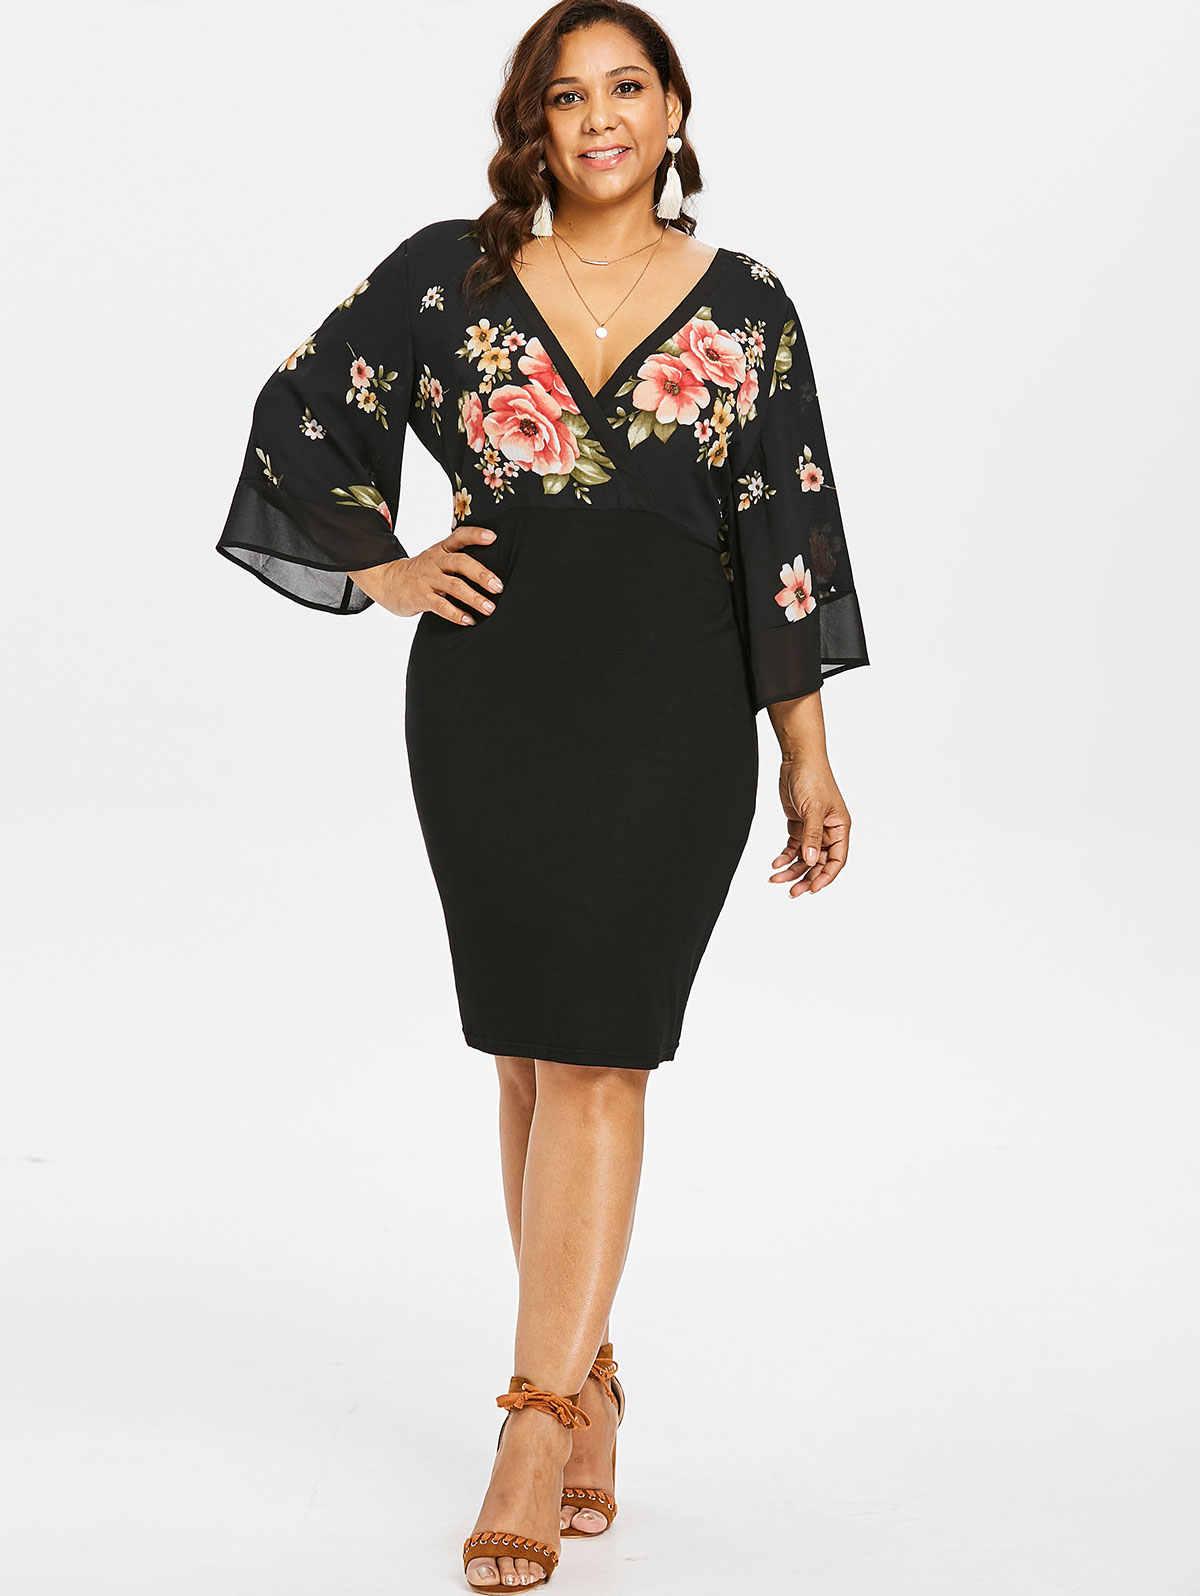 Wipalo  Женское облегающее вечернее коктельное платье большого размера с глубоким декольте с широкими рукавами колокол и цветочным принтом 5XL